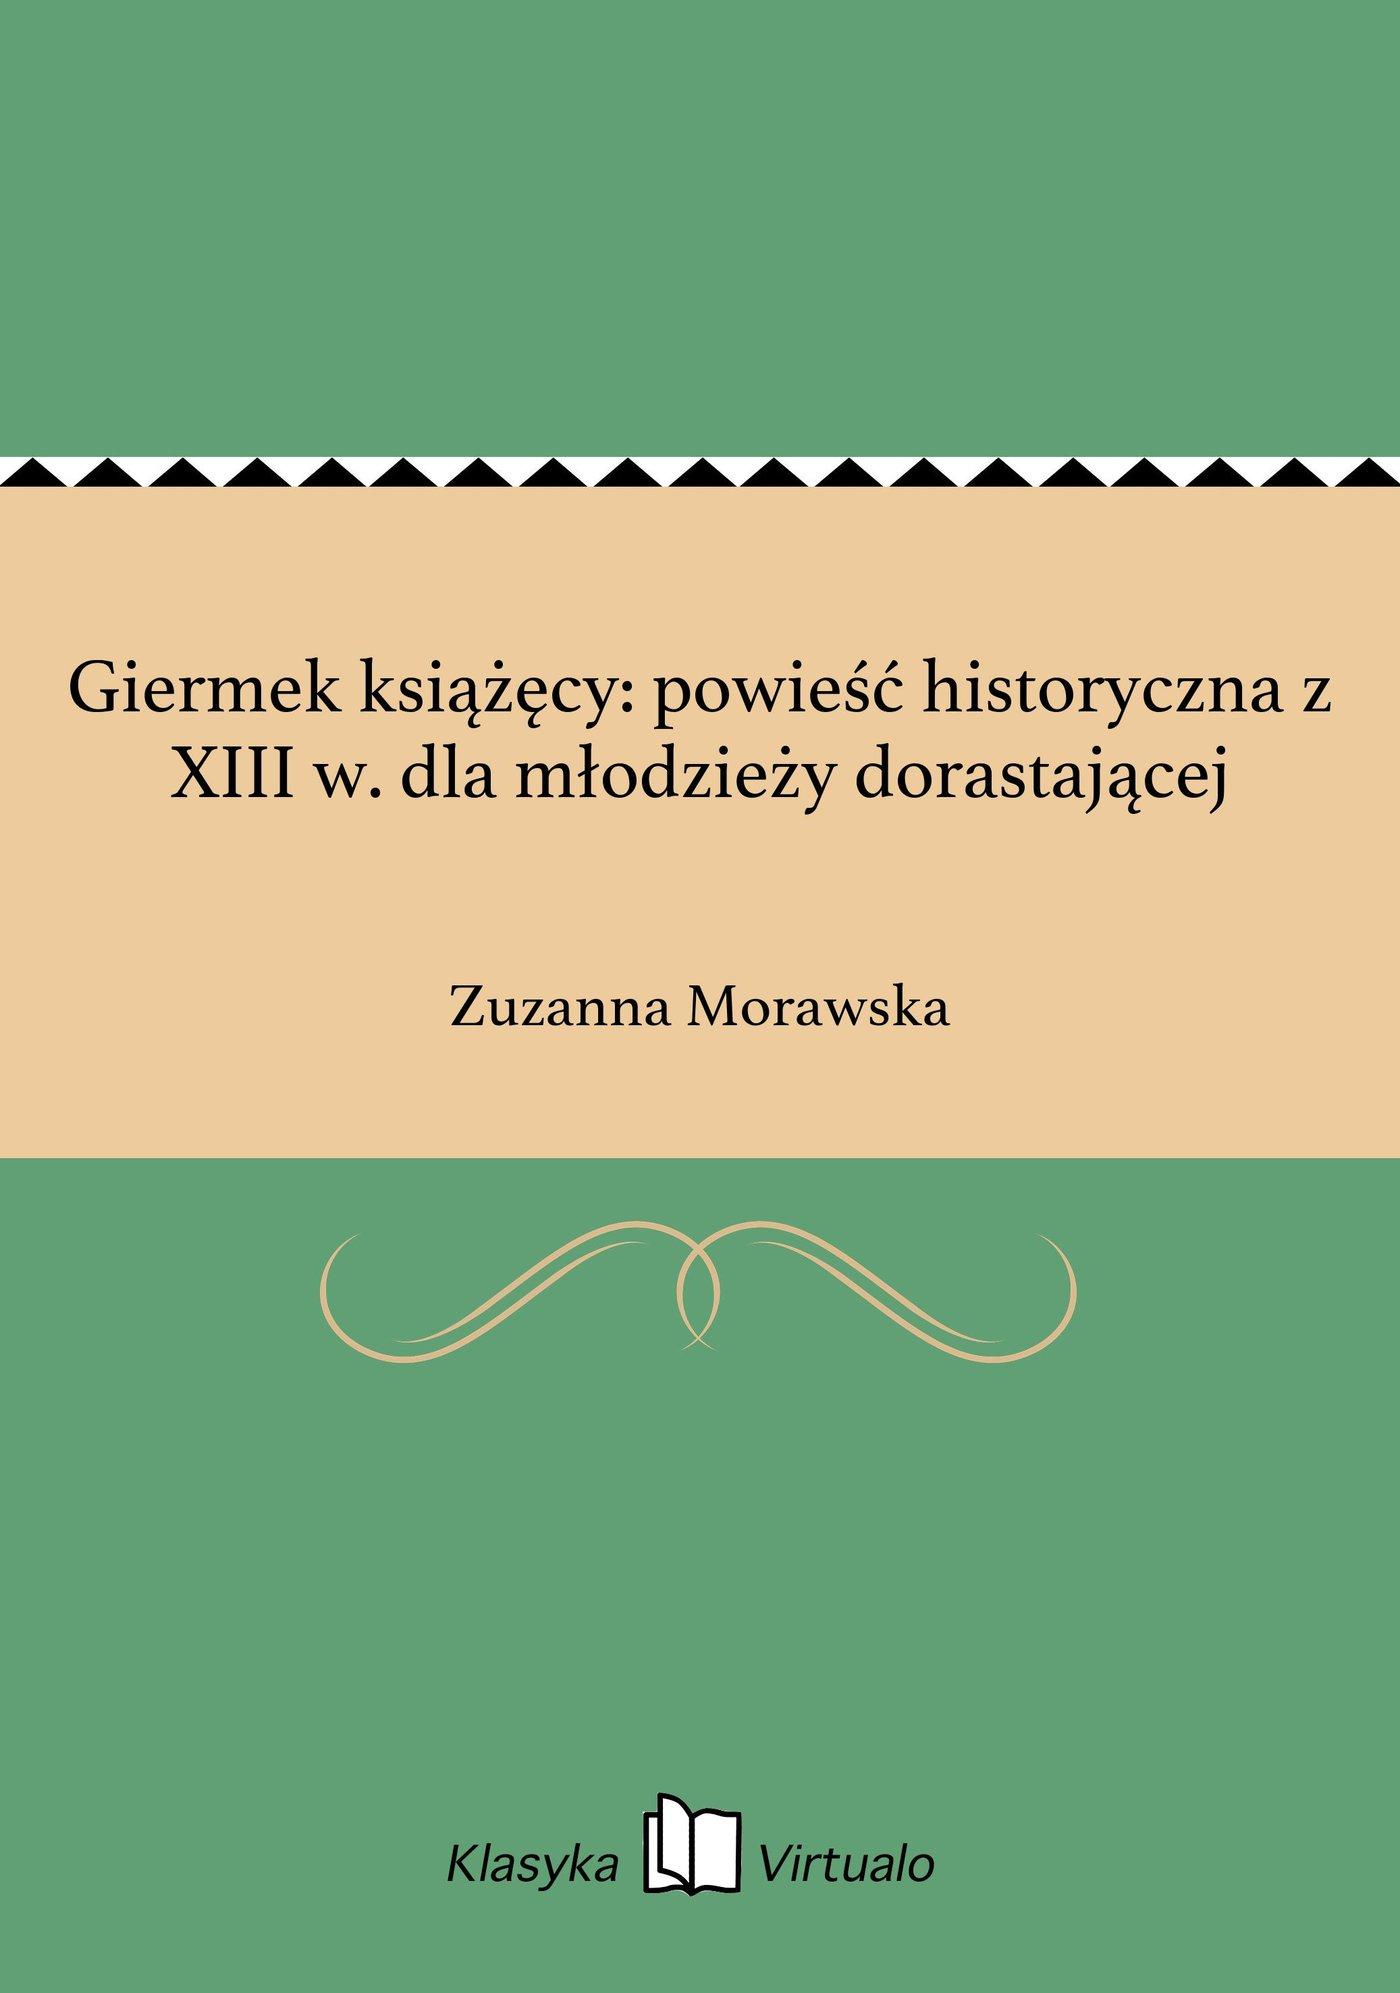 Giermek książęcy: powieść historyczna z XIII w. dla młodzieży dorastającej - Ebook (Książka EPUB) do pobrania w formacie EPUB